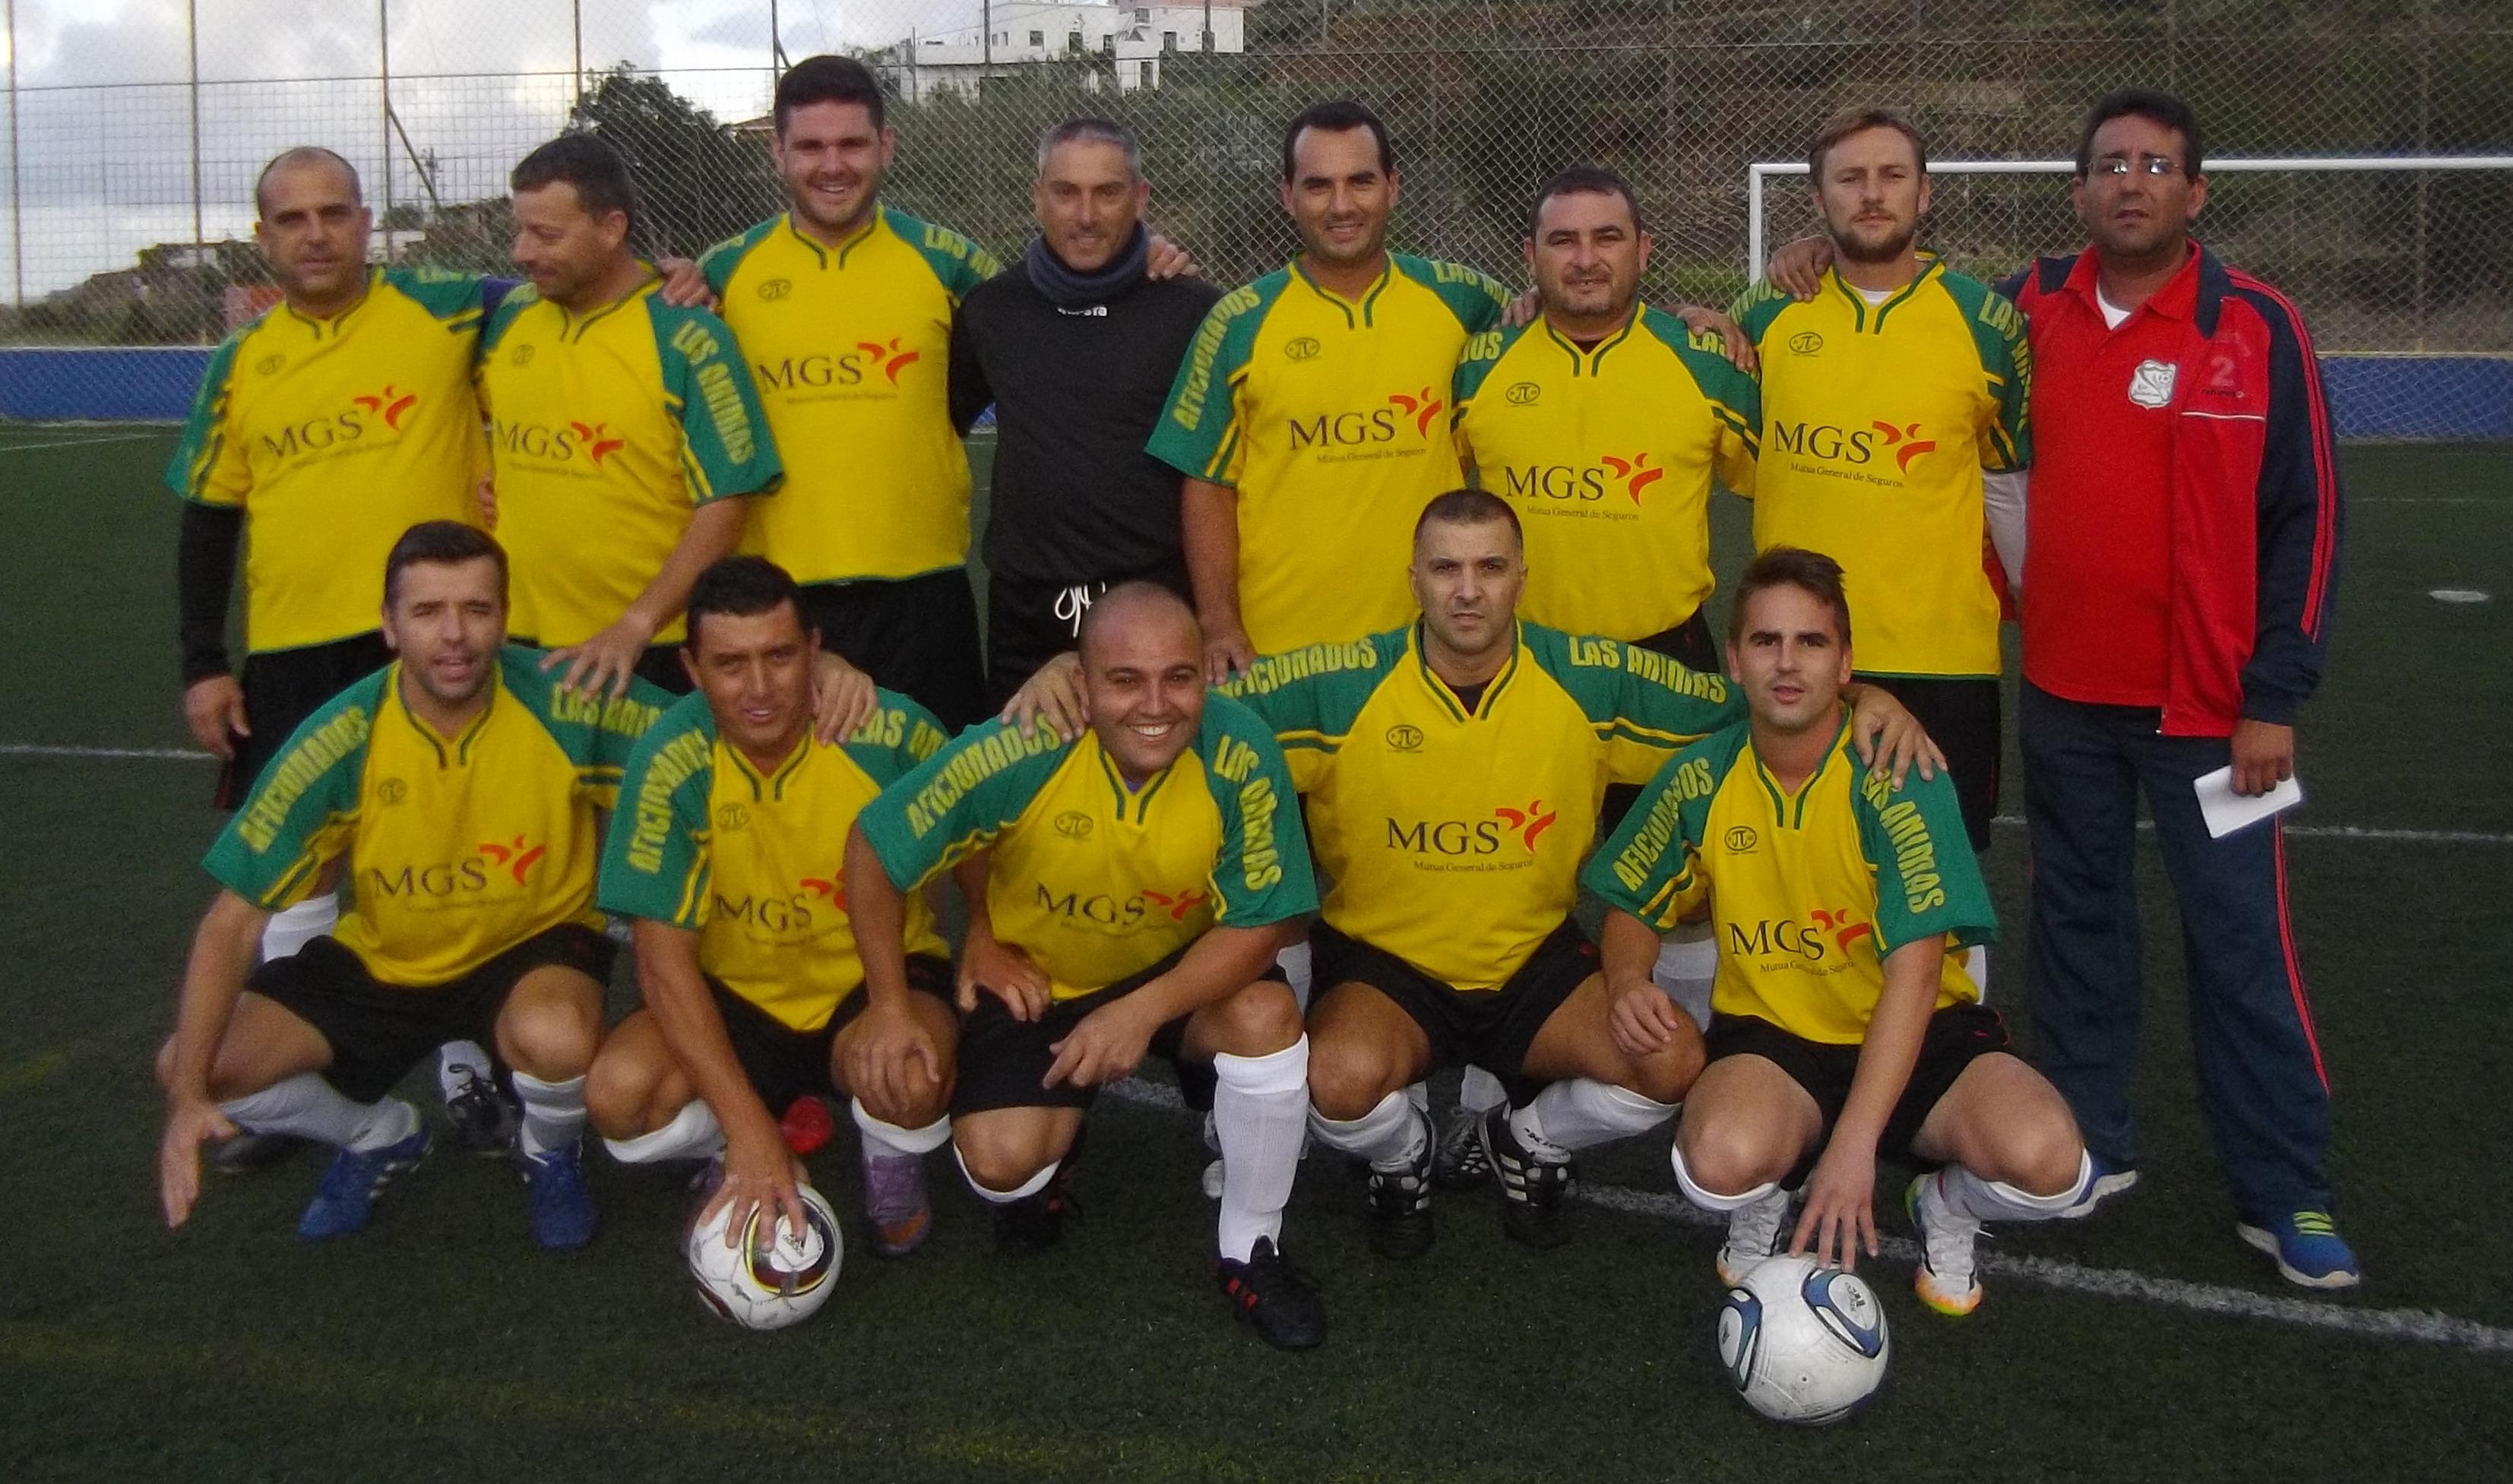 Equipos Temporada 2014 2015 – Las Medianías 13eb2f448f182